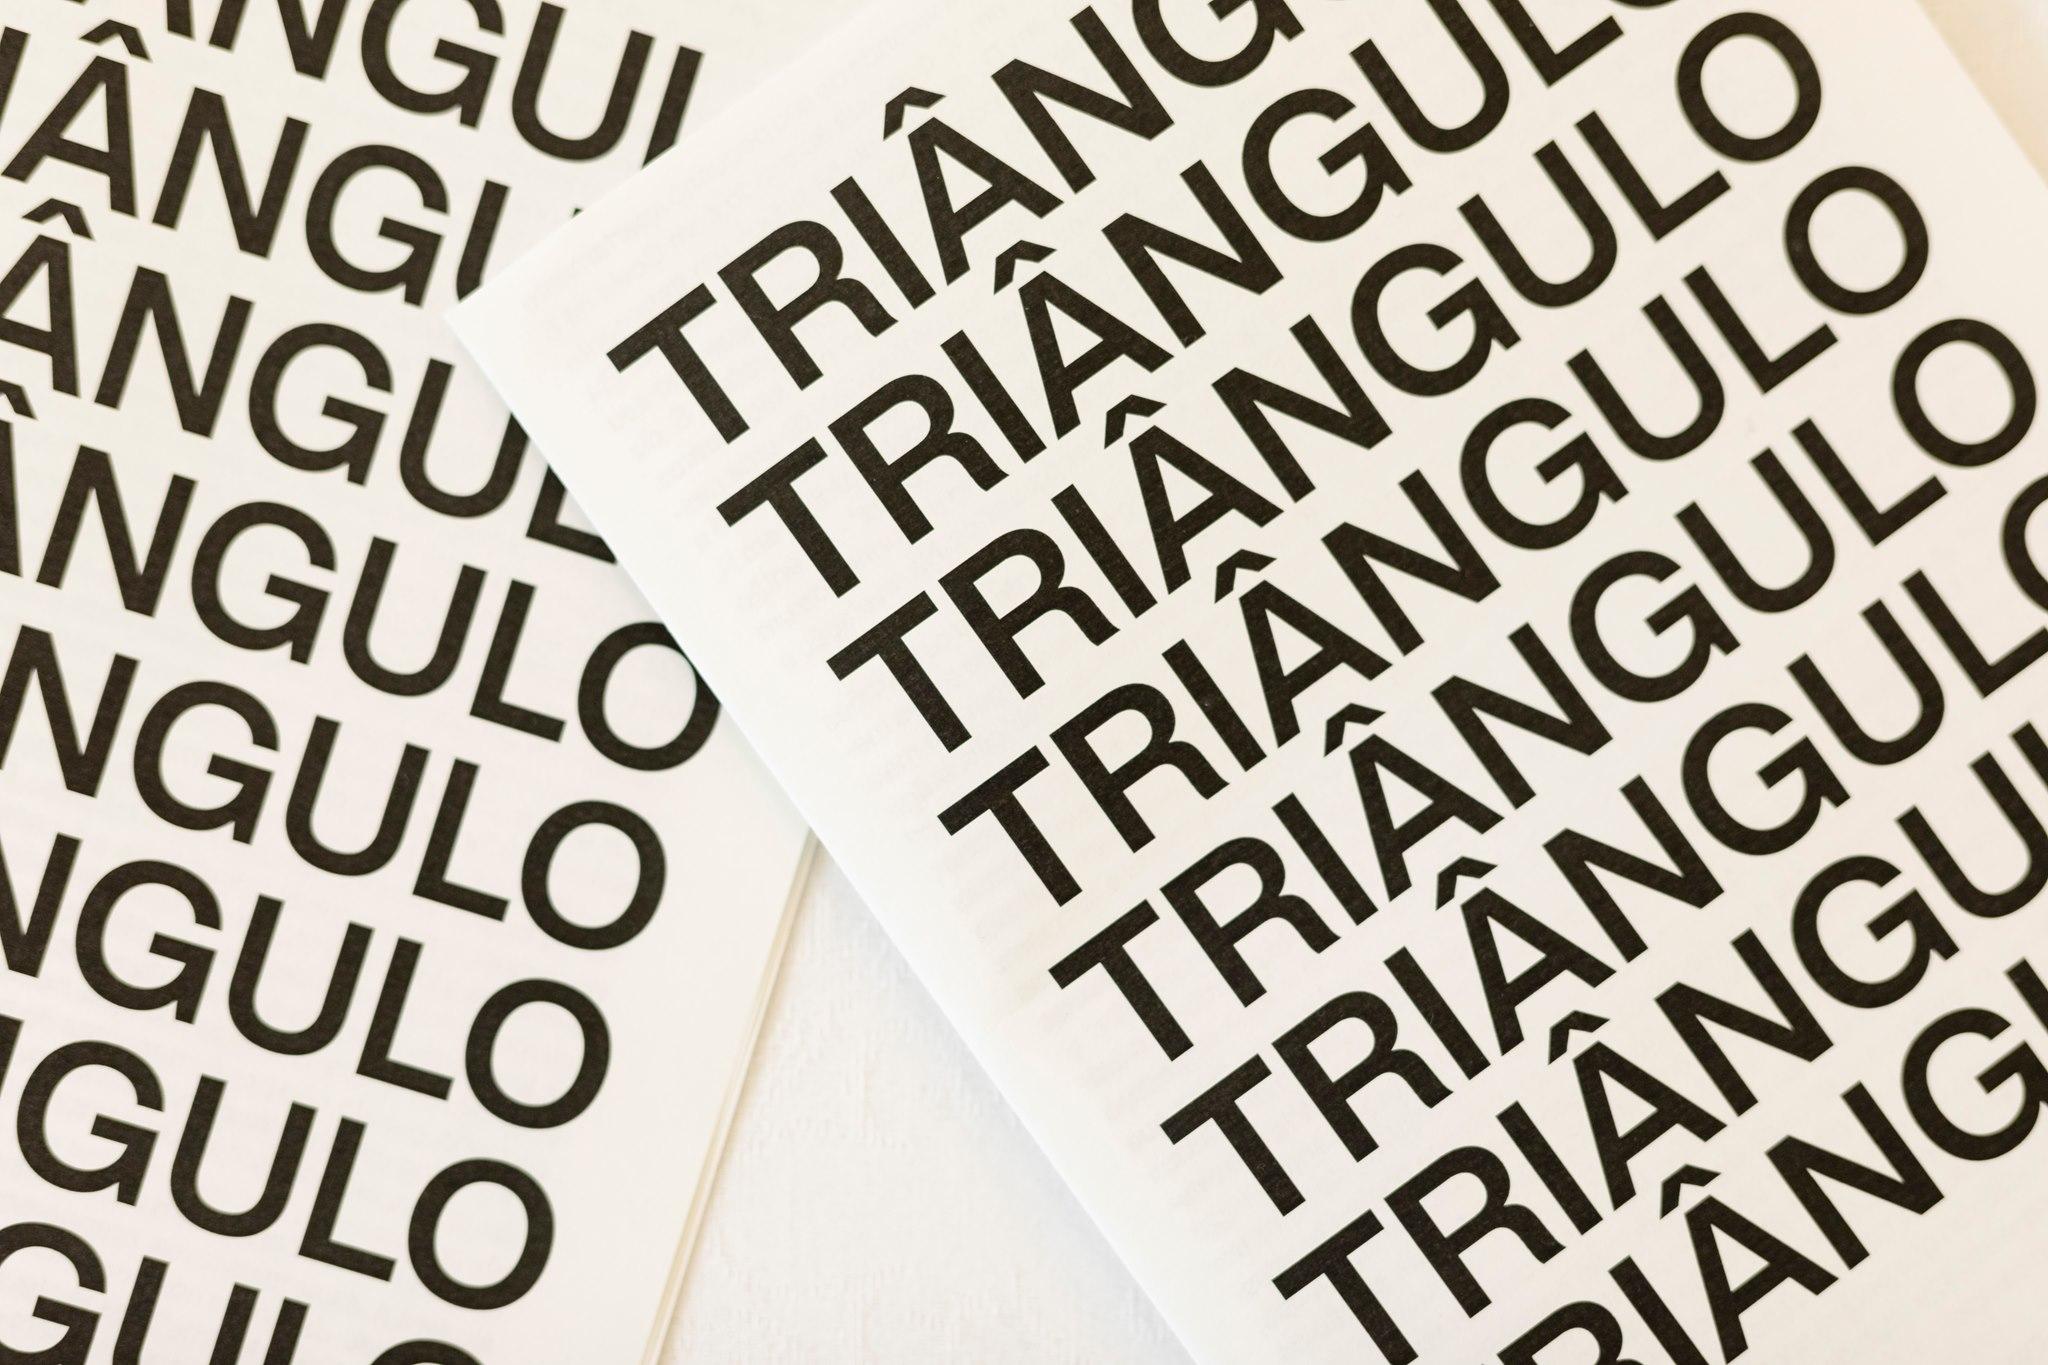 Finissage e lançamento do catálogo da exposição Triângulo